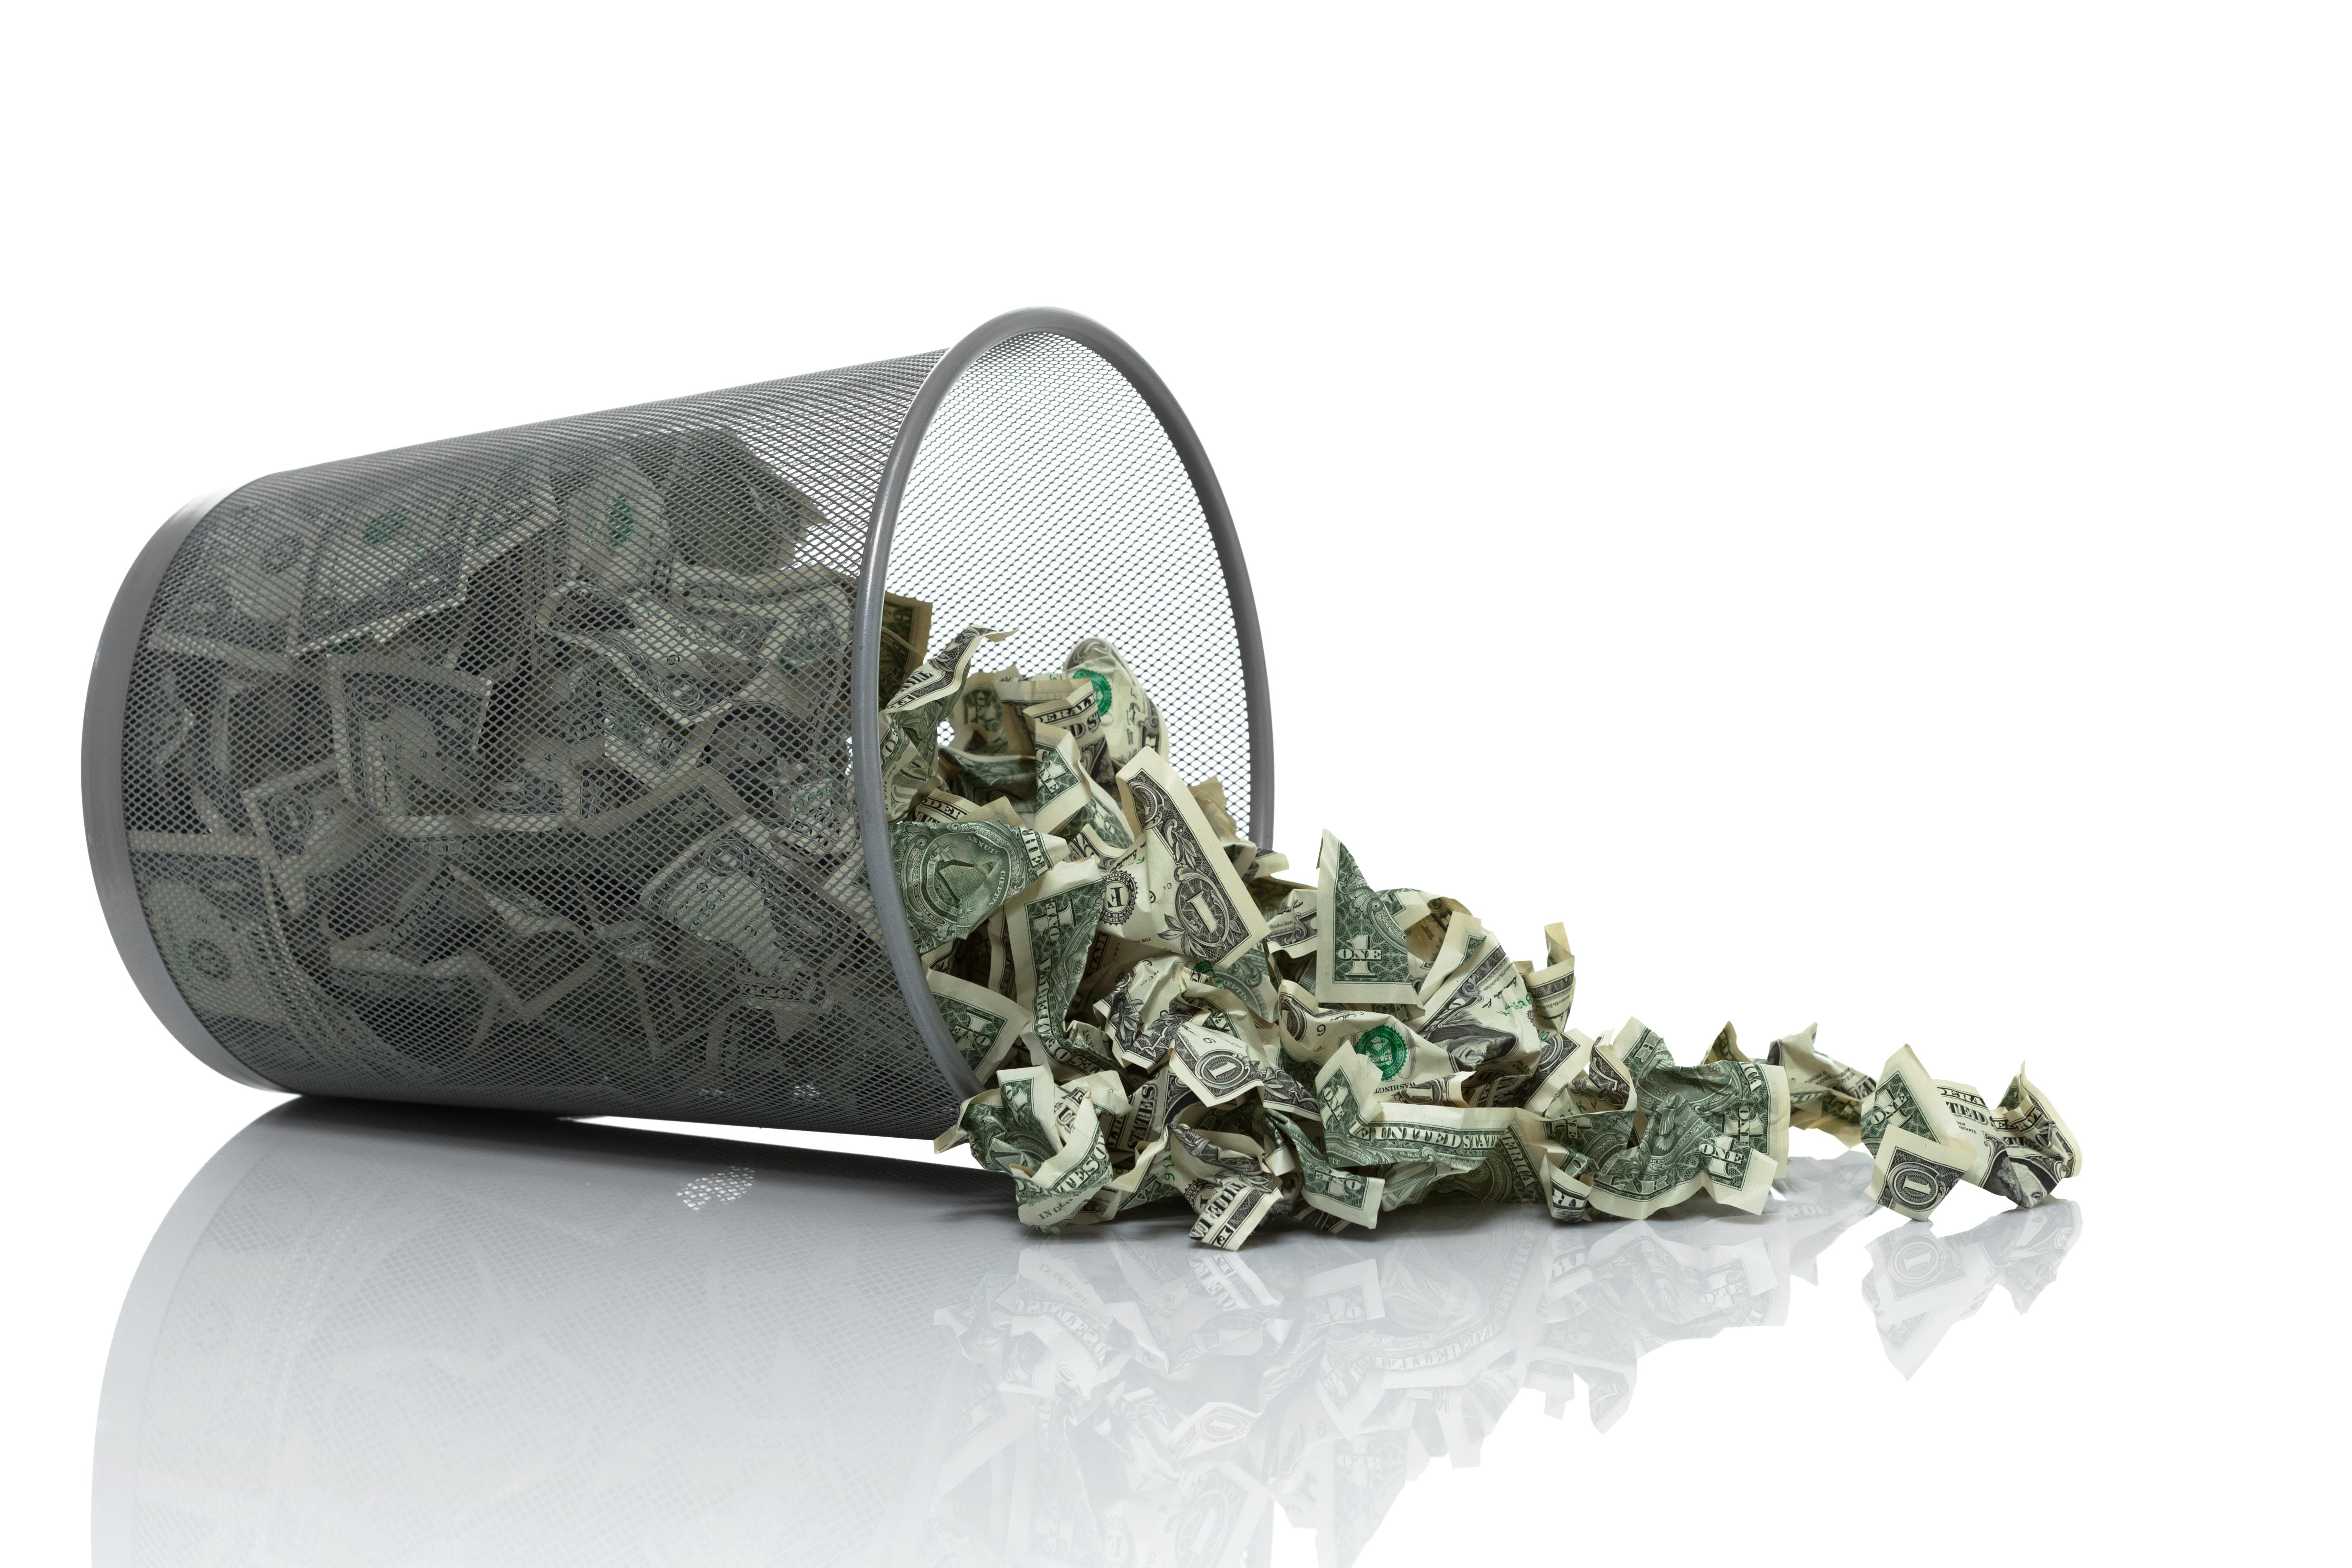 Trash can spilling money.